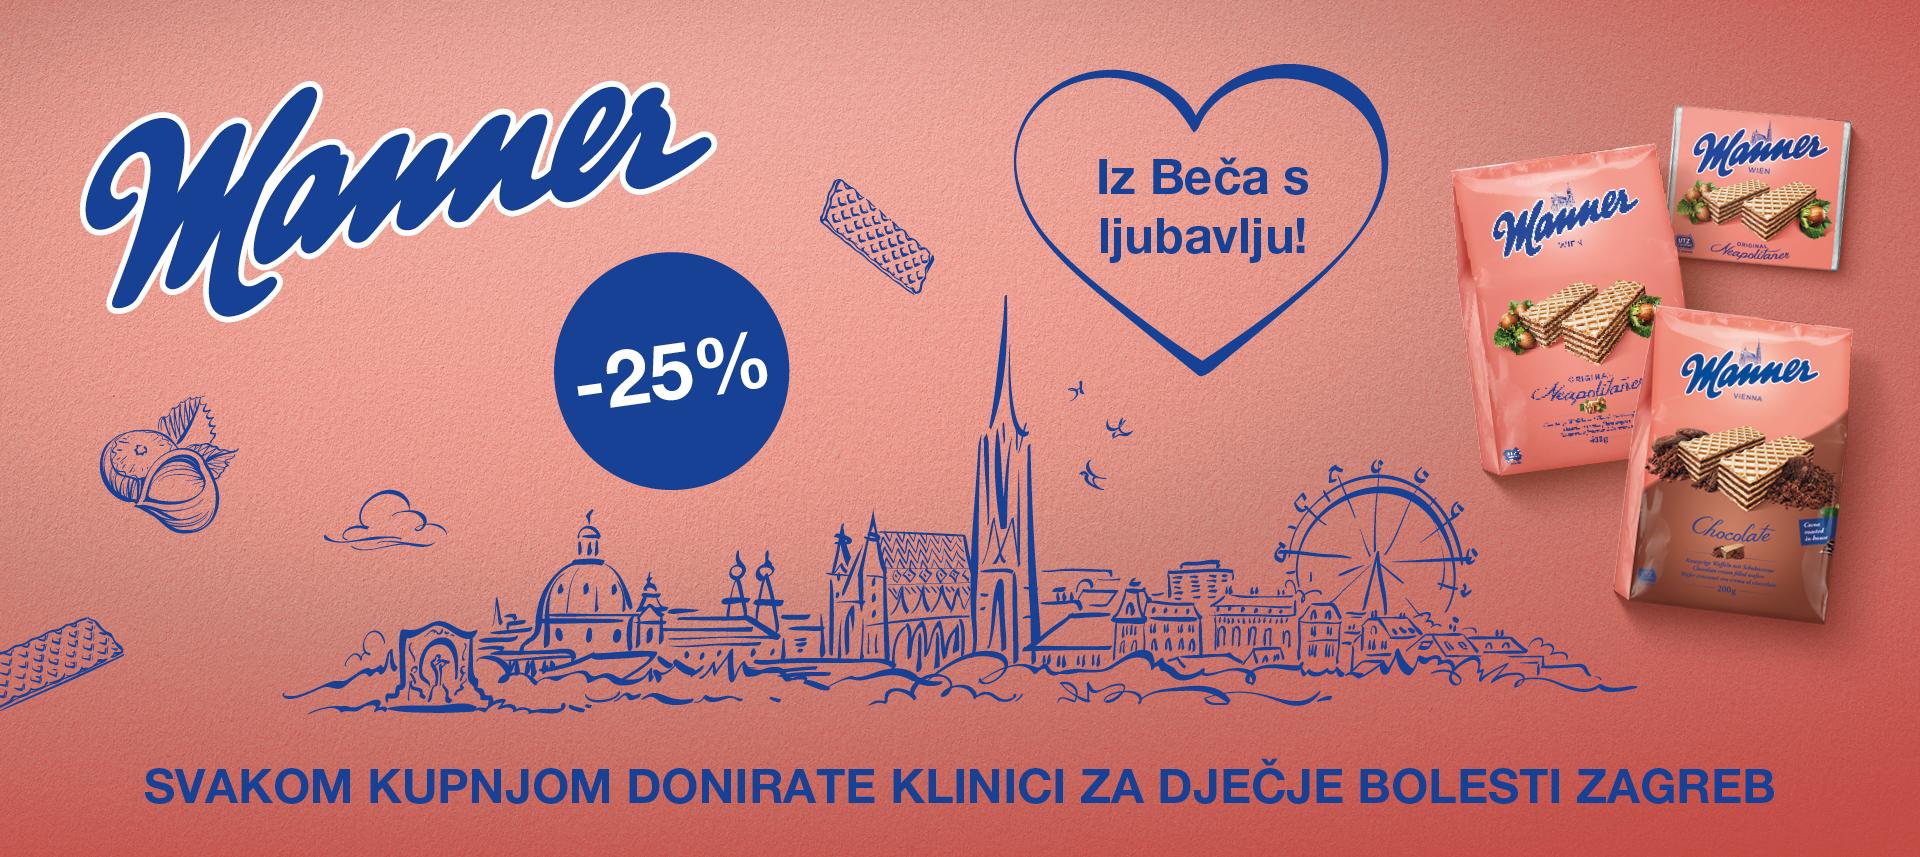 Kupnjom Manner proizvoda donirate Klinici za dječje bolesti Zagreb